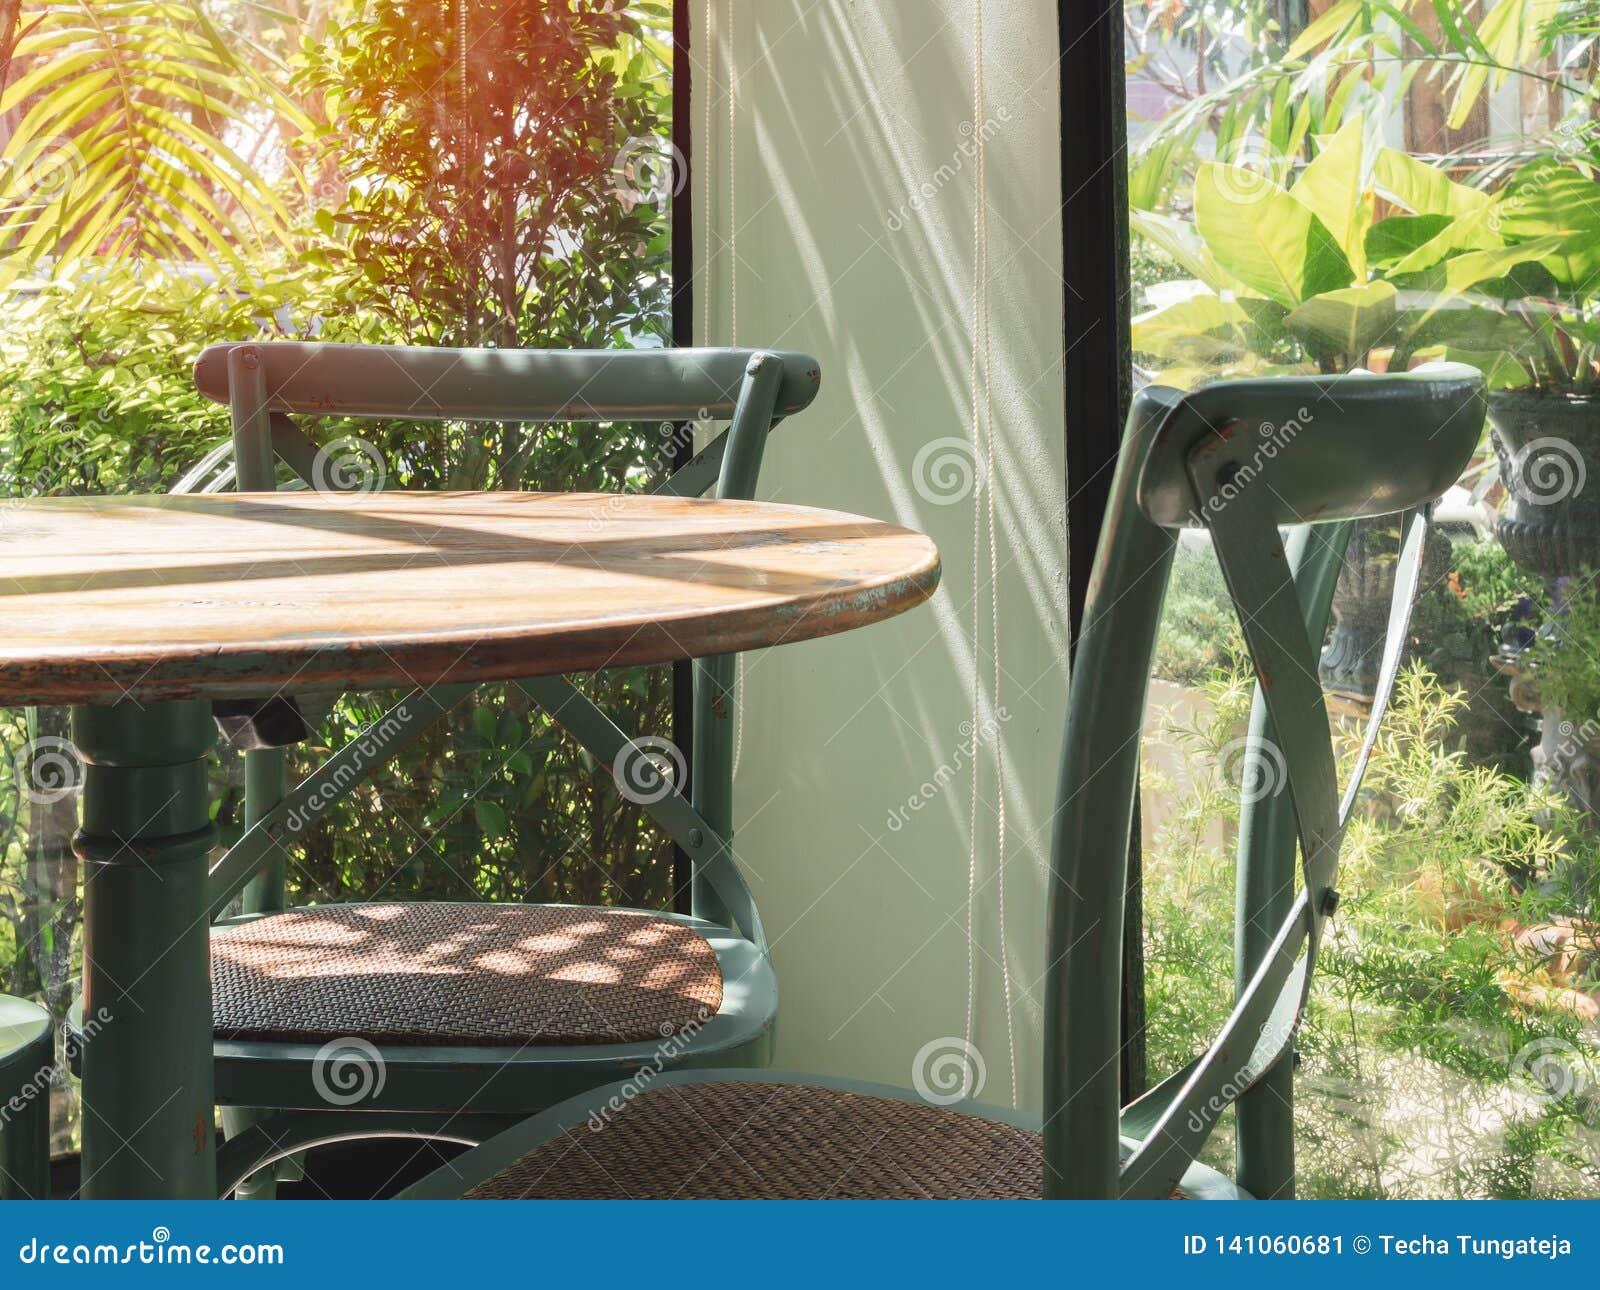 Table Et Chaise En Bois De Cru Dans La Chambre En Verre Près ...